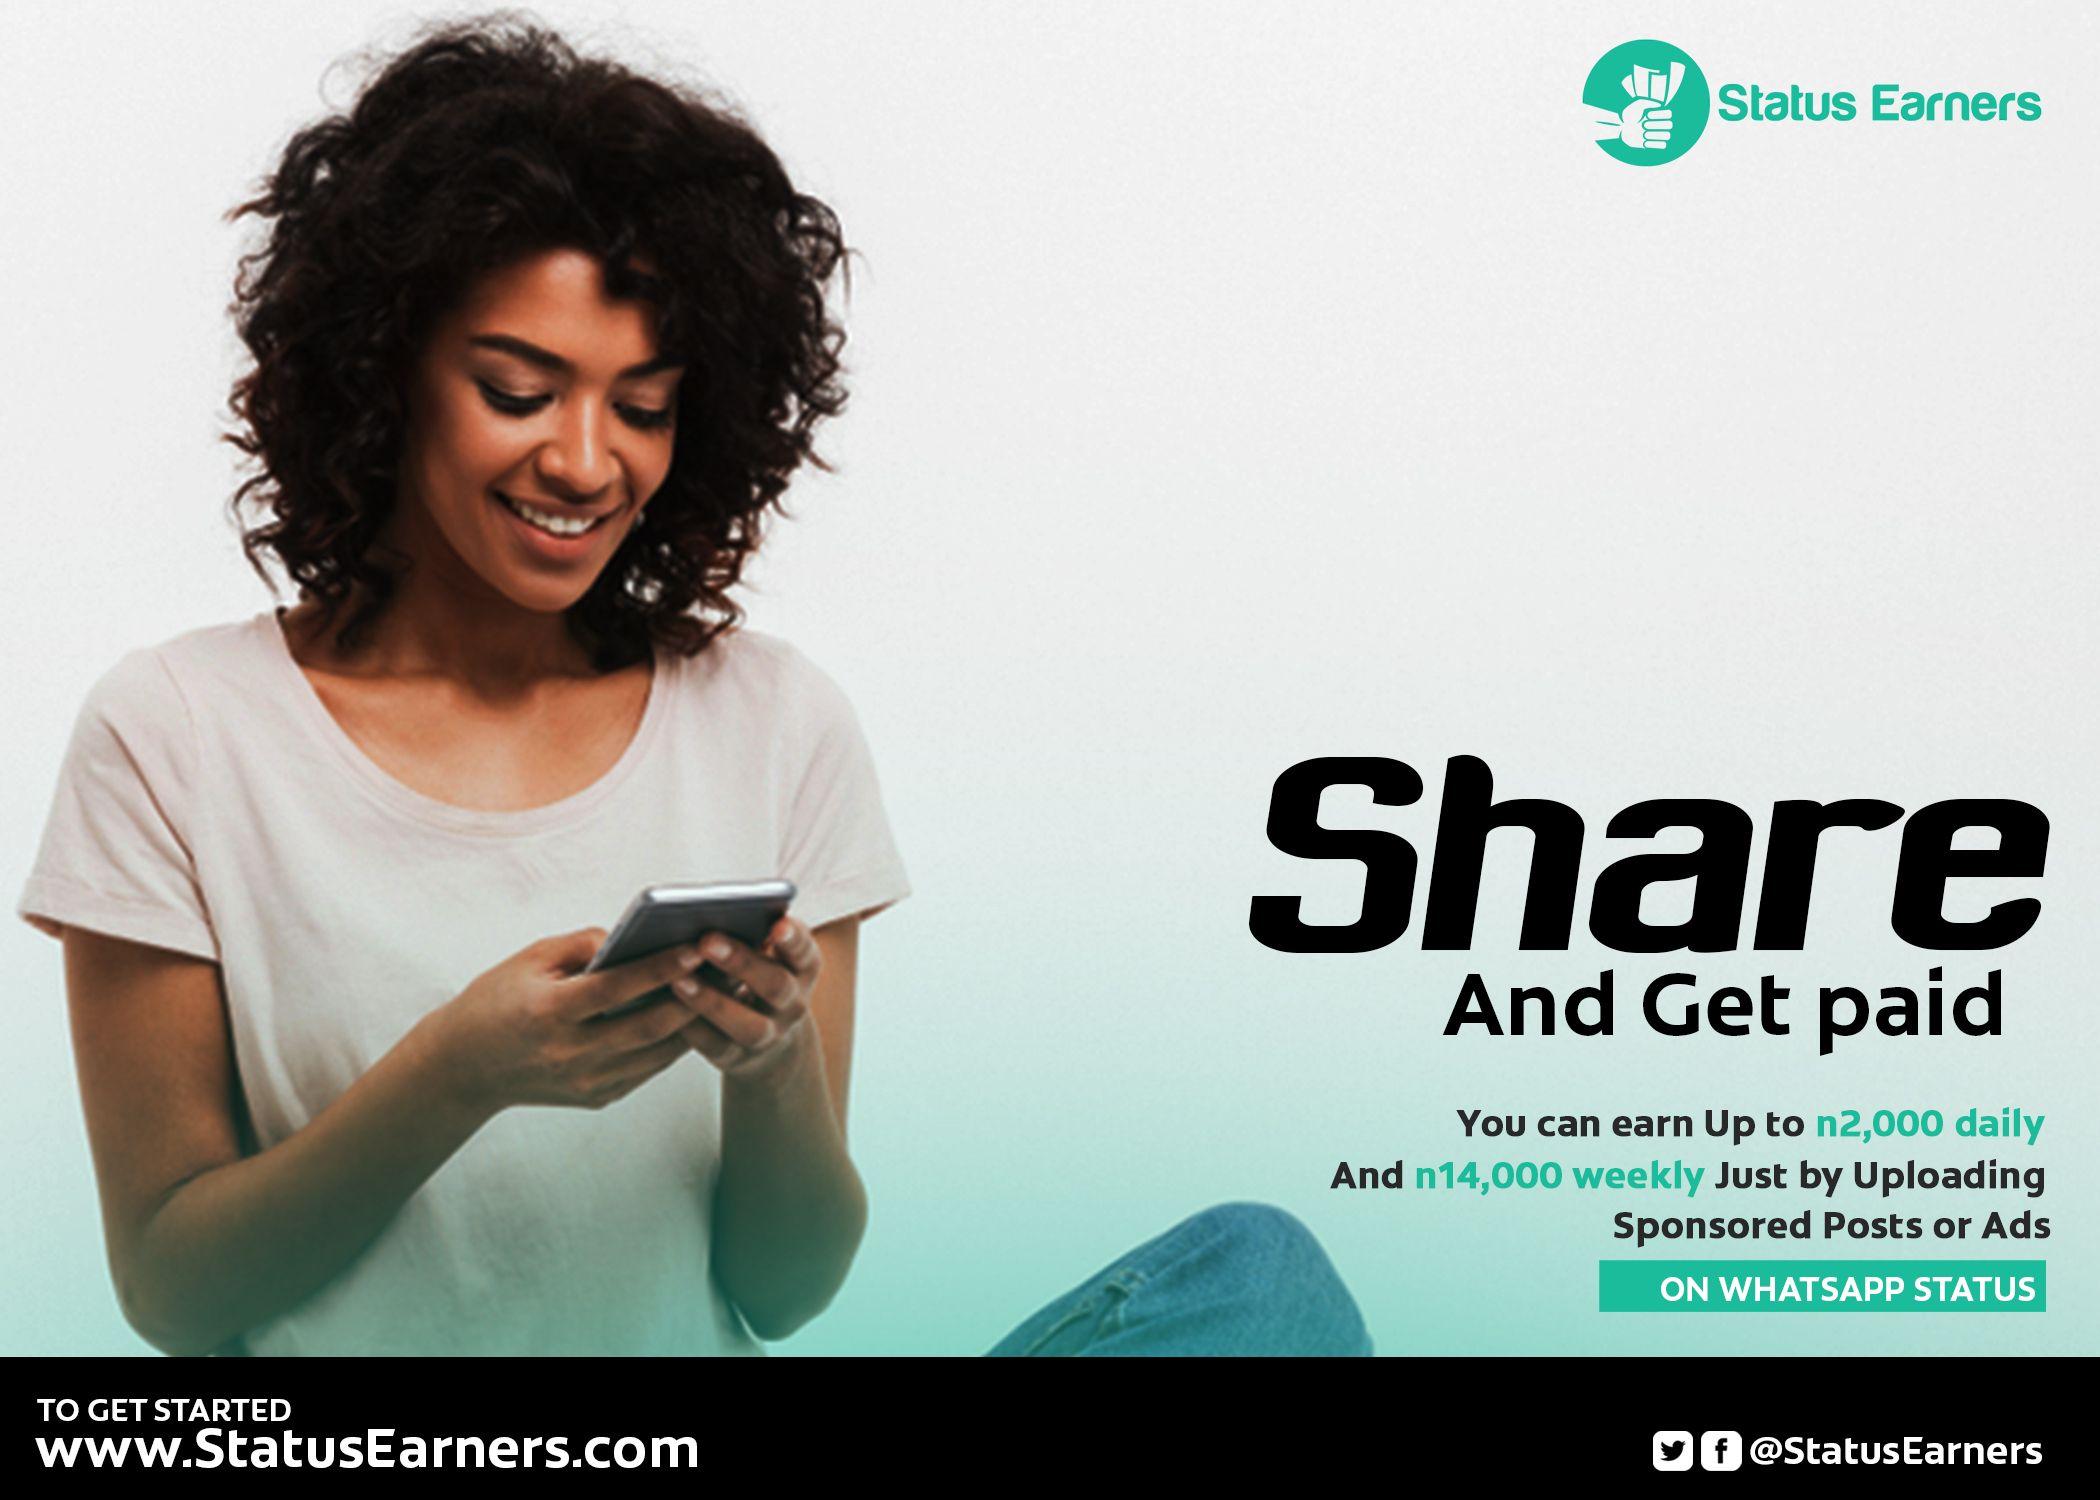 Status Earners: How To Make Money Sharing Post On WhatsApp Status